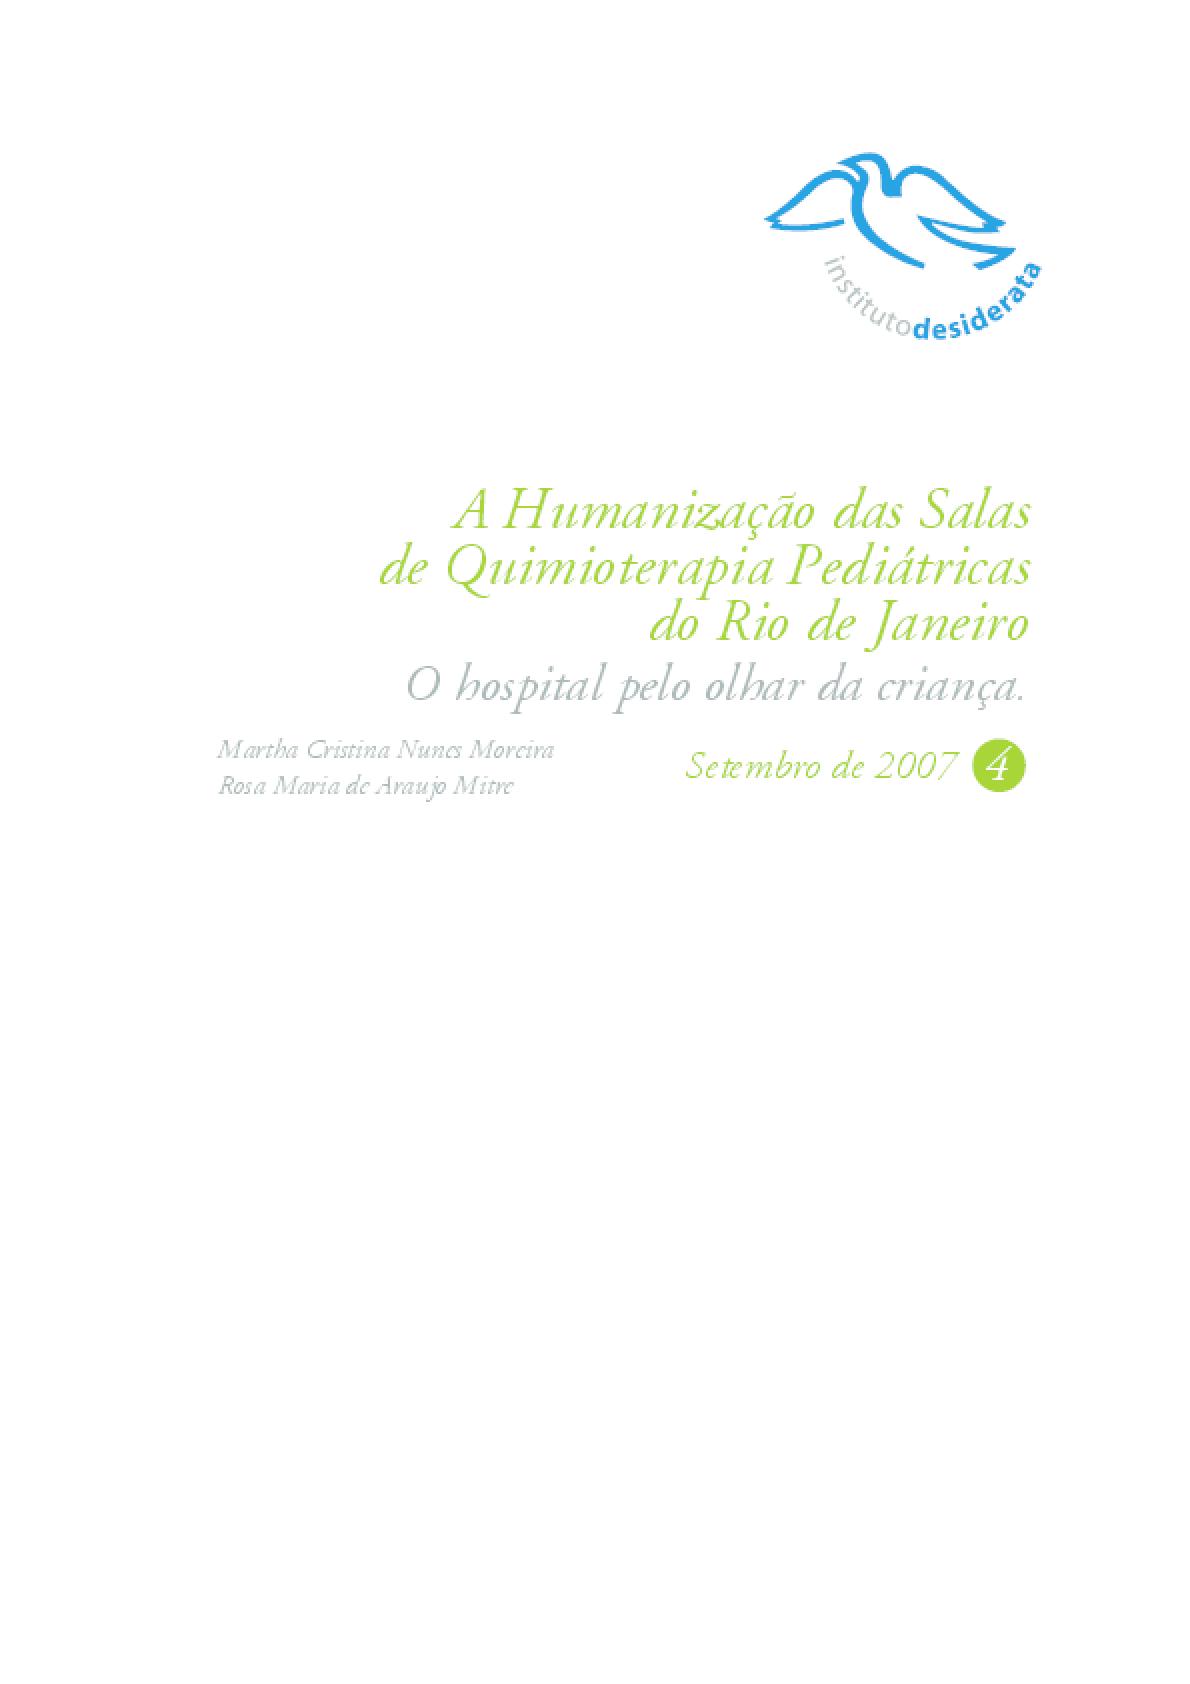 A humanização das salas de quimioterapia pediátricas do Rio de Janeiro : o hospital pelo olhar da criança